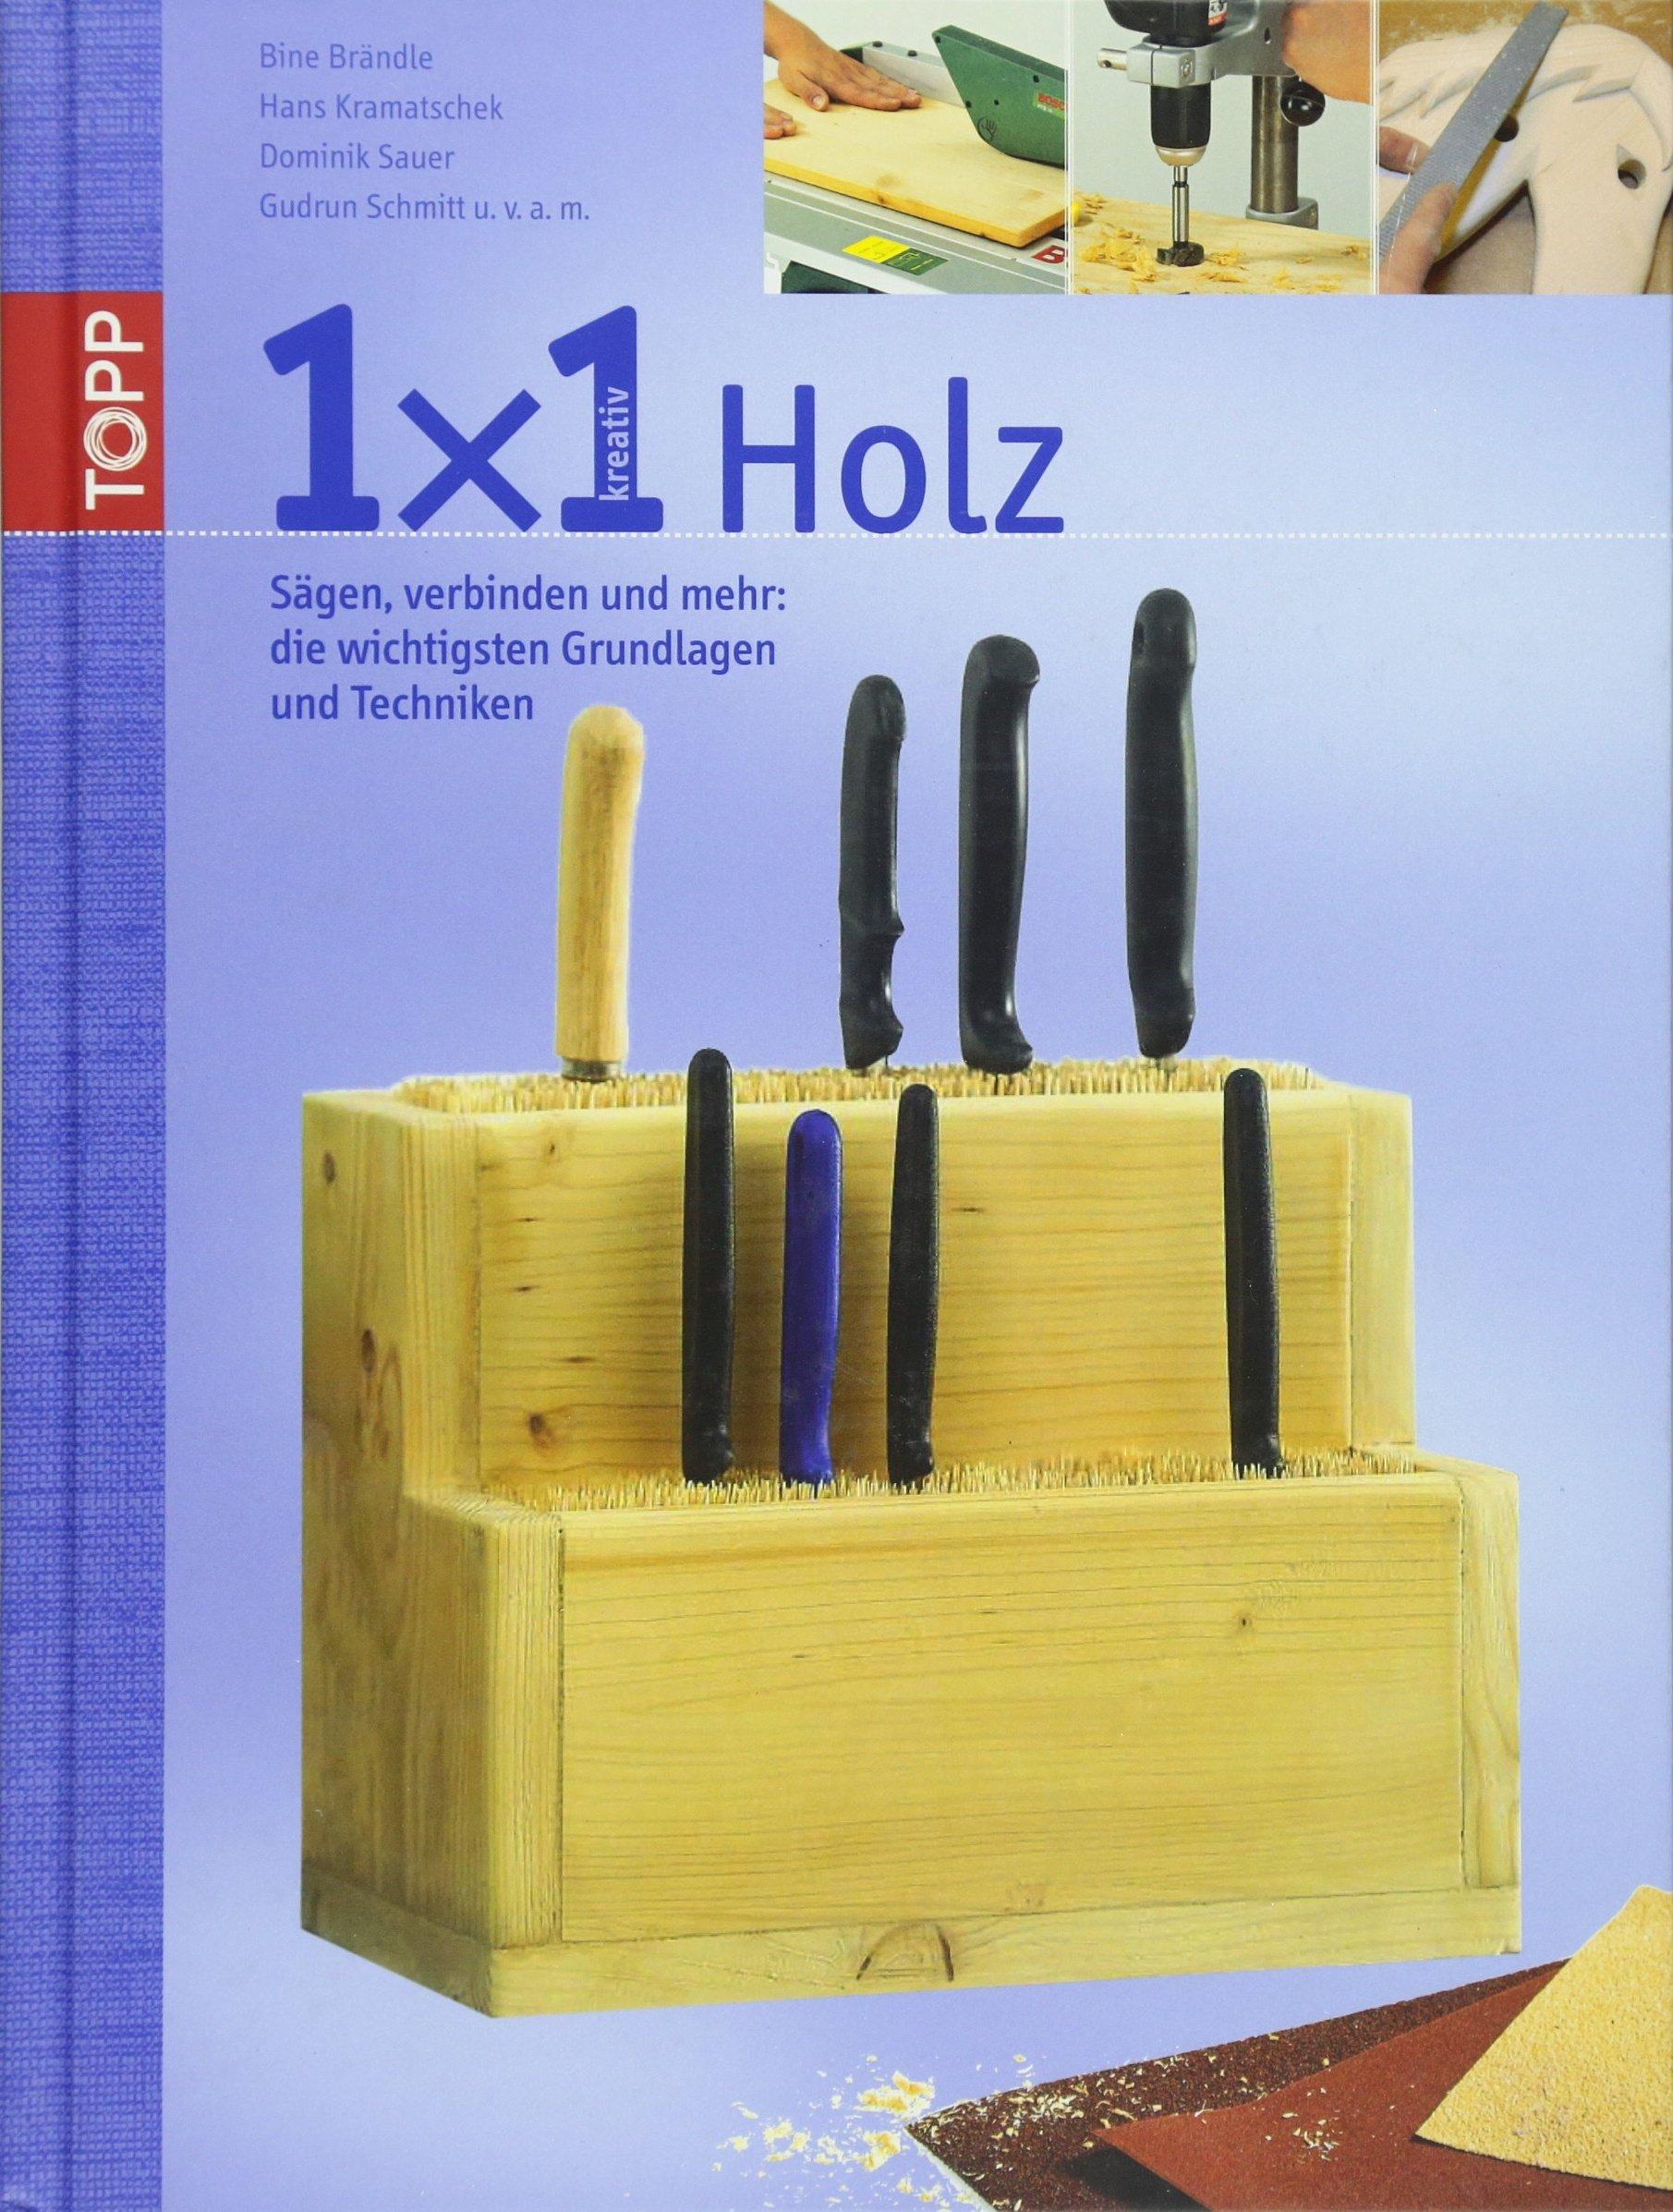 1x1 kreativ Holz: Sägen, verbinden und mehr: die wichtigsten Grundlagen und Techniken